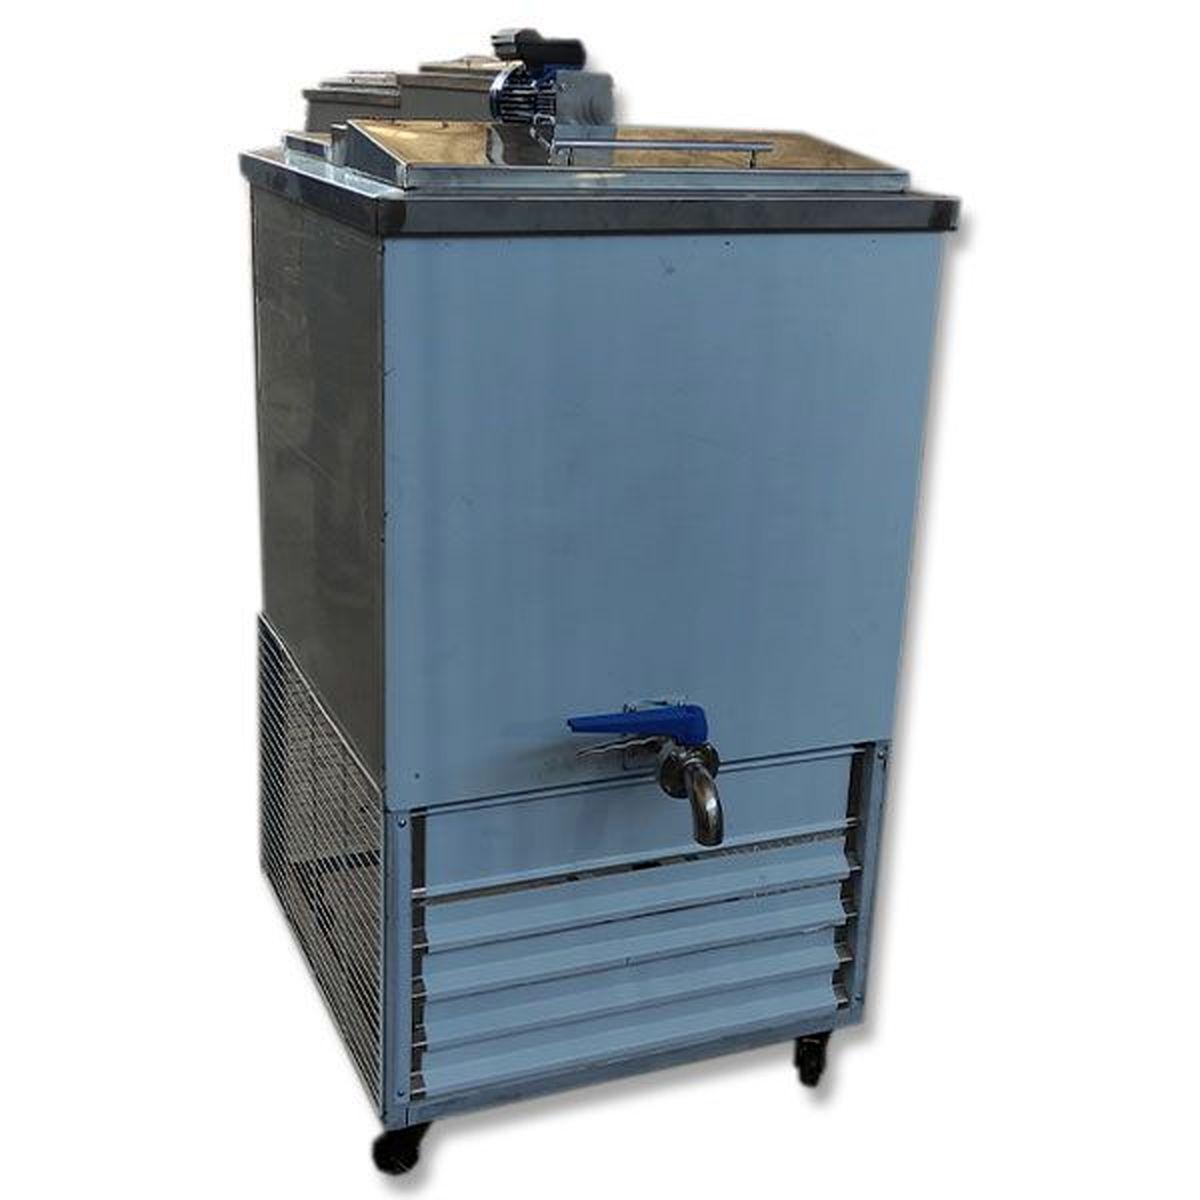 راهنمای خرید شیر سرد کن، یخچال پرده هوا و دستگاه بستنی ساز صنعتی